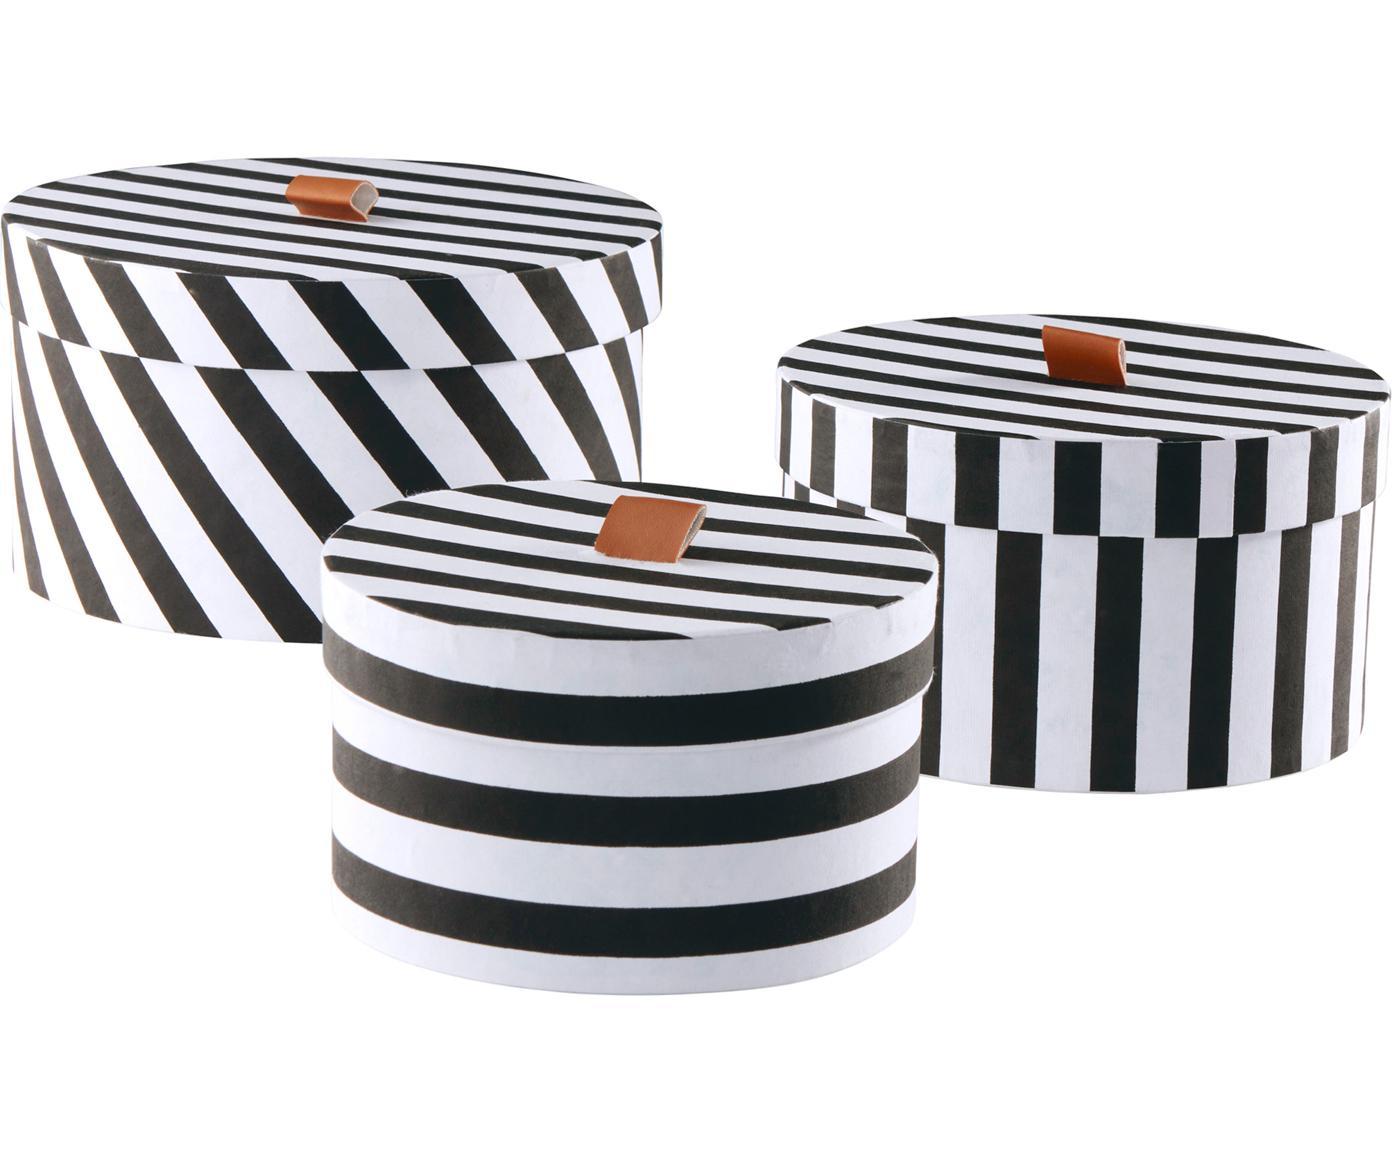 Opbergdozenset Dizzy, 3-delig, Karton, Zwart, wit, bruin, Verschillende formaten